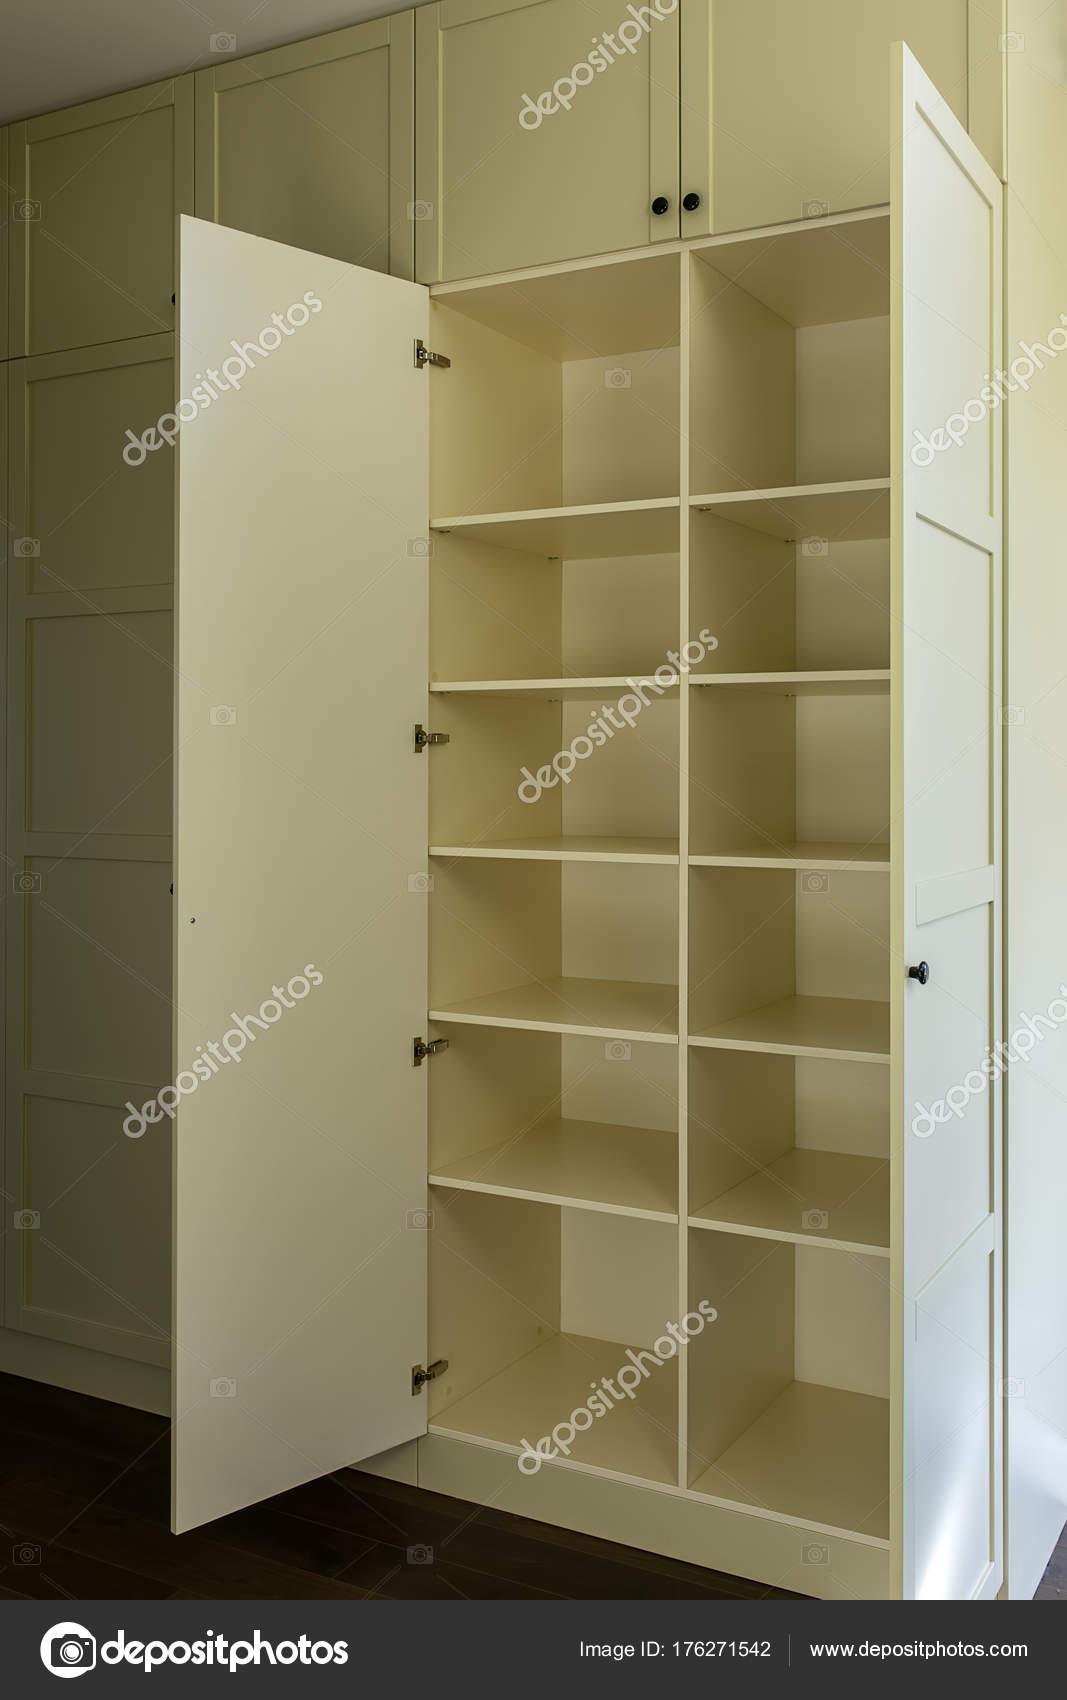 Bezaubernd Moderne Garderobe Referenz Von Met Planken — Stockfoto